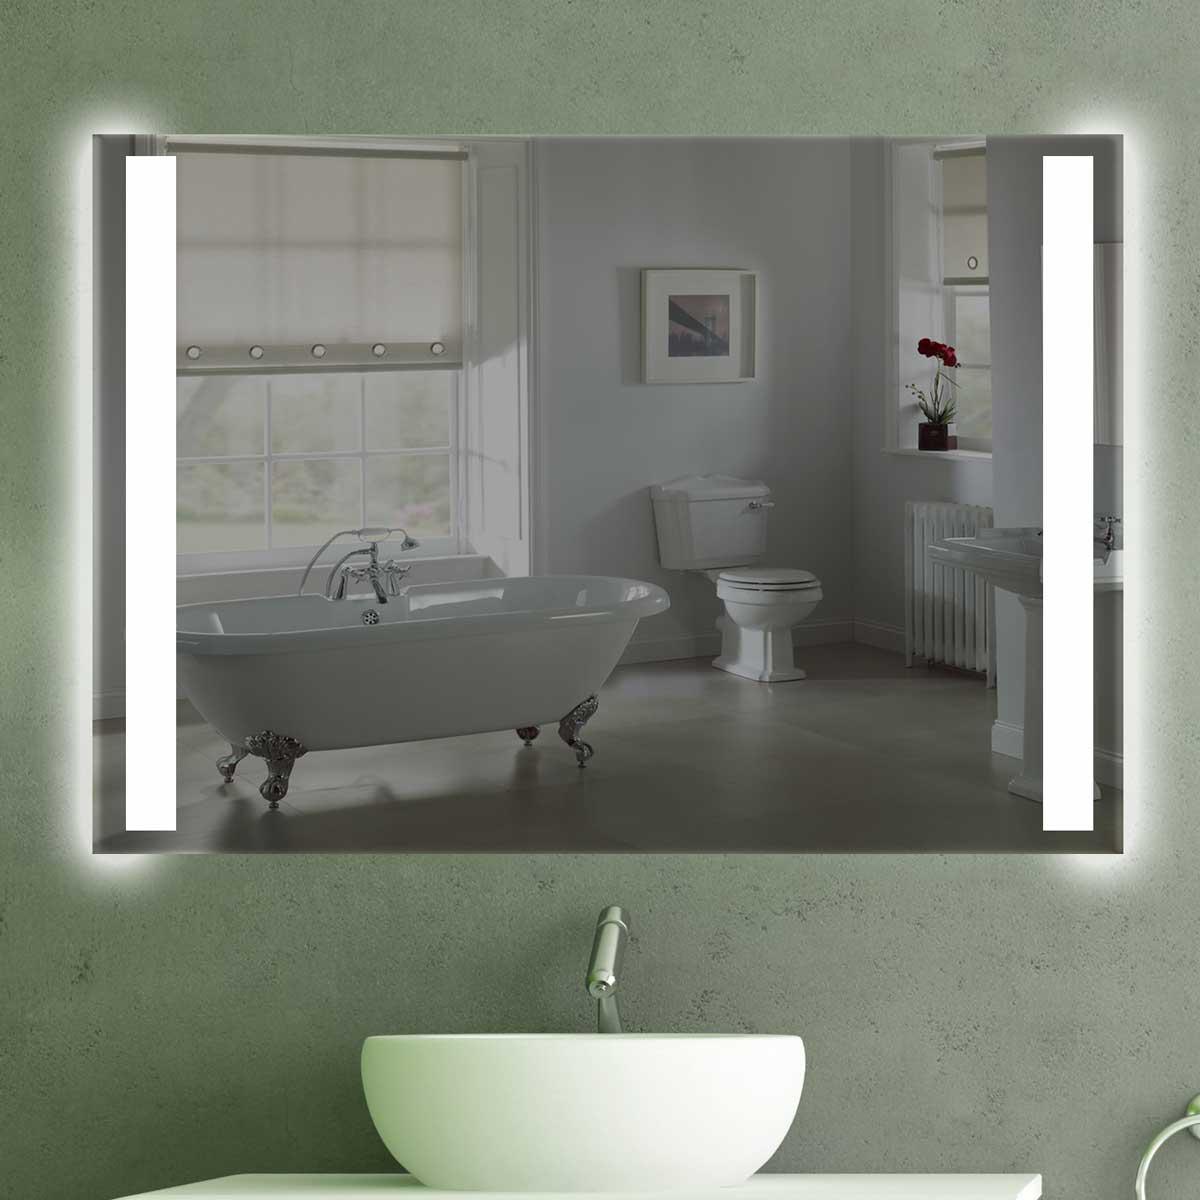 wandspiegel mit beleuchtung k 202 spiegel t v gepr ft. Black Bedroom Furniture Sets. Home Design Ideas